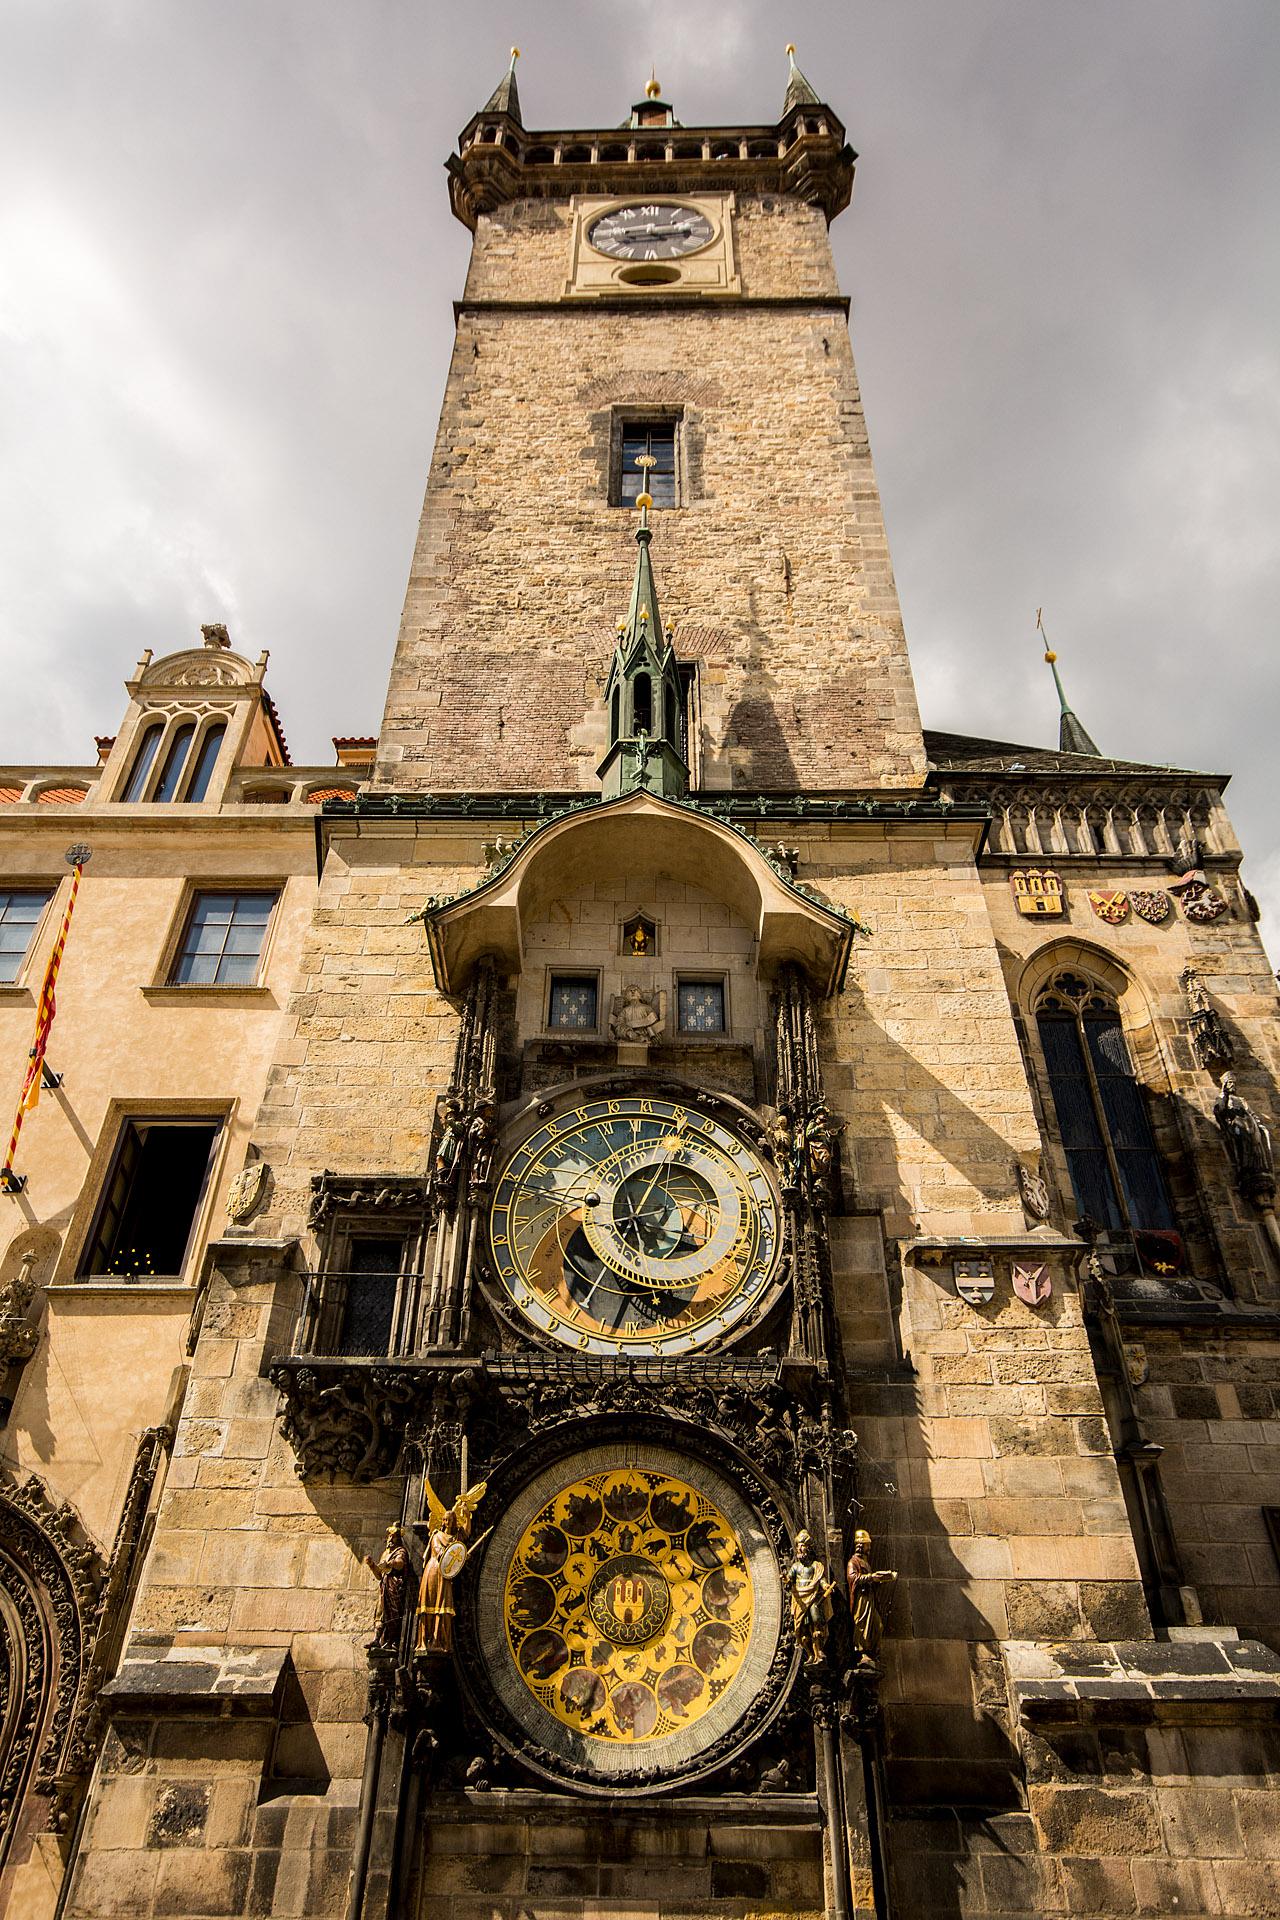 The Orloj (astronomical clock)